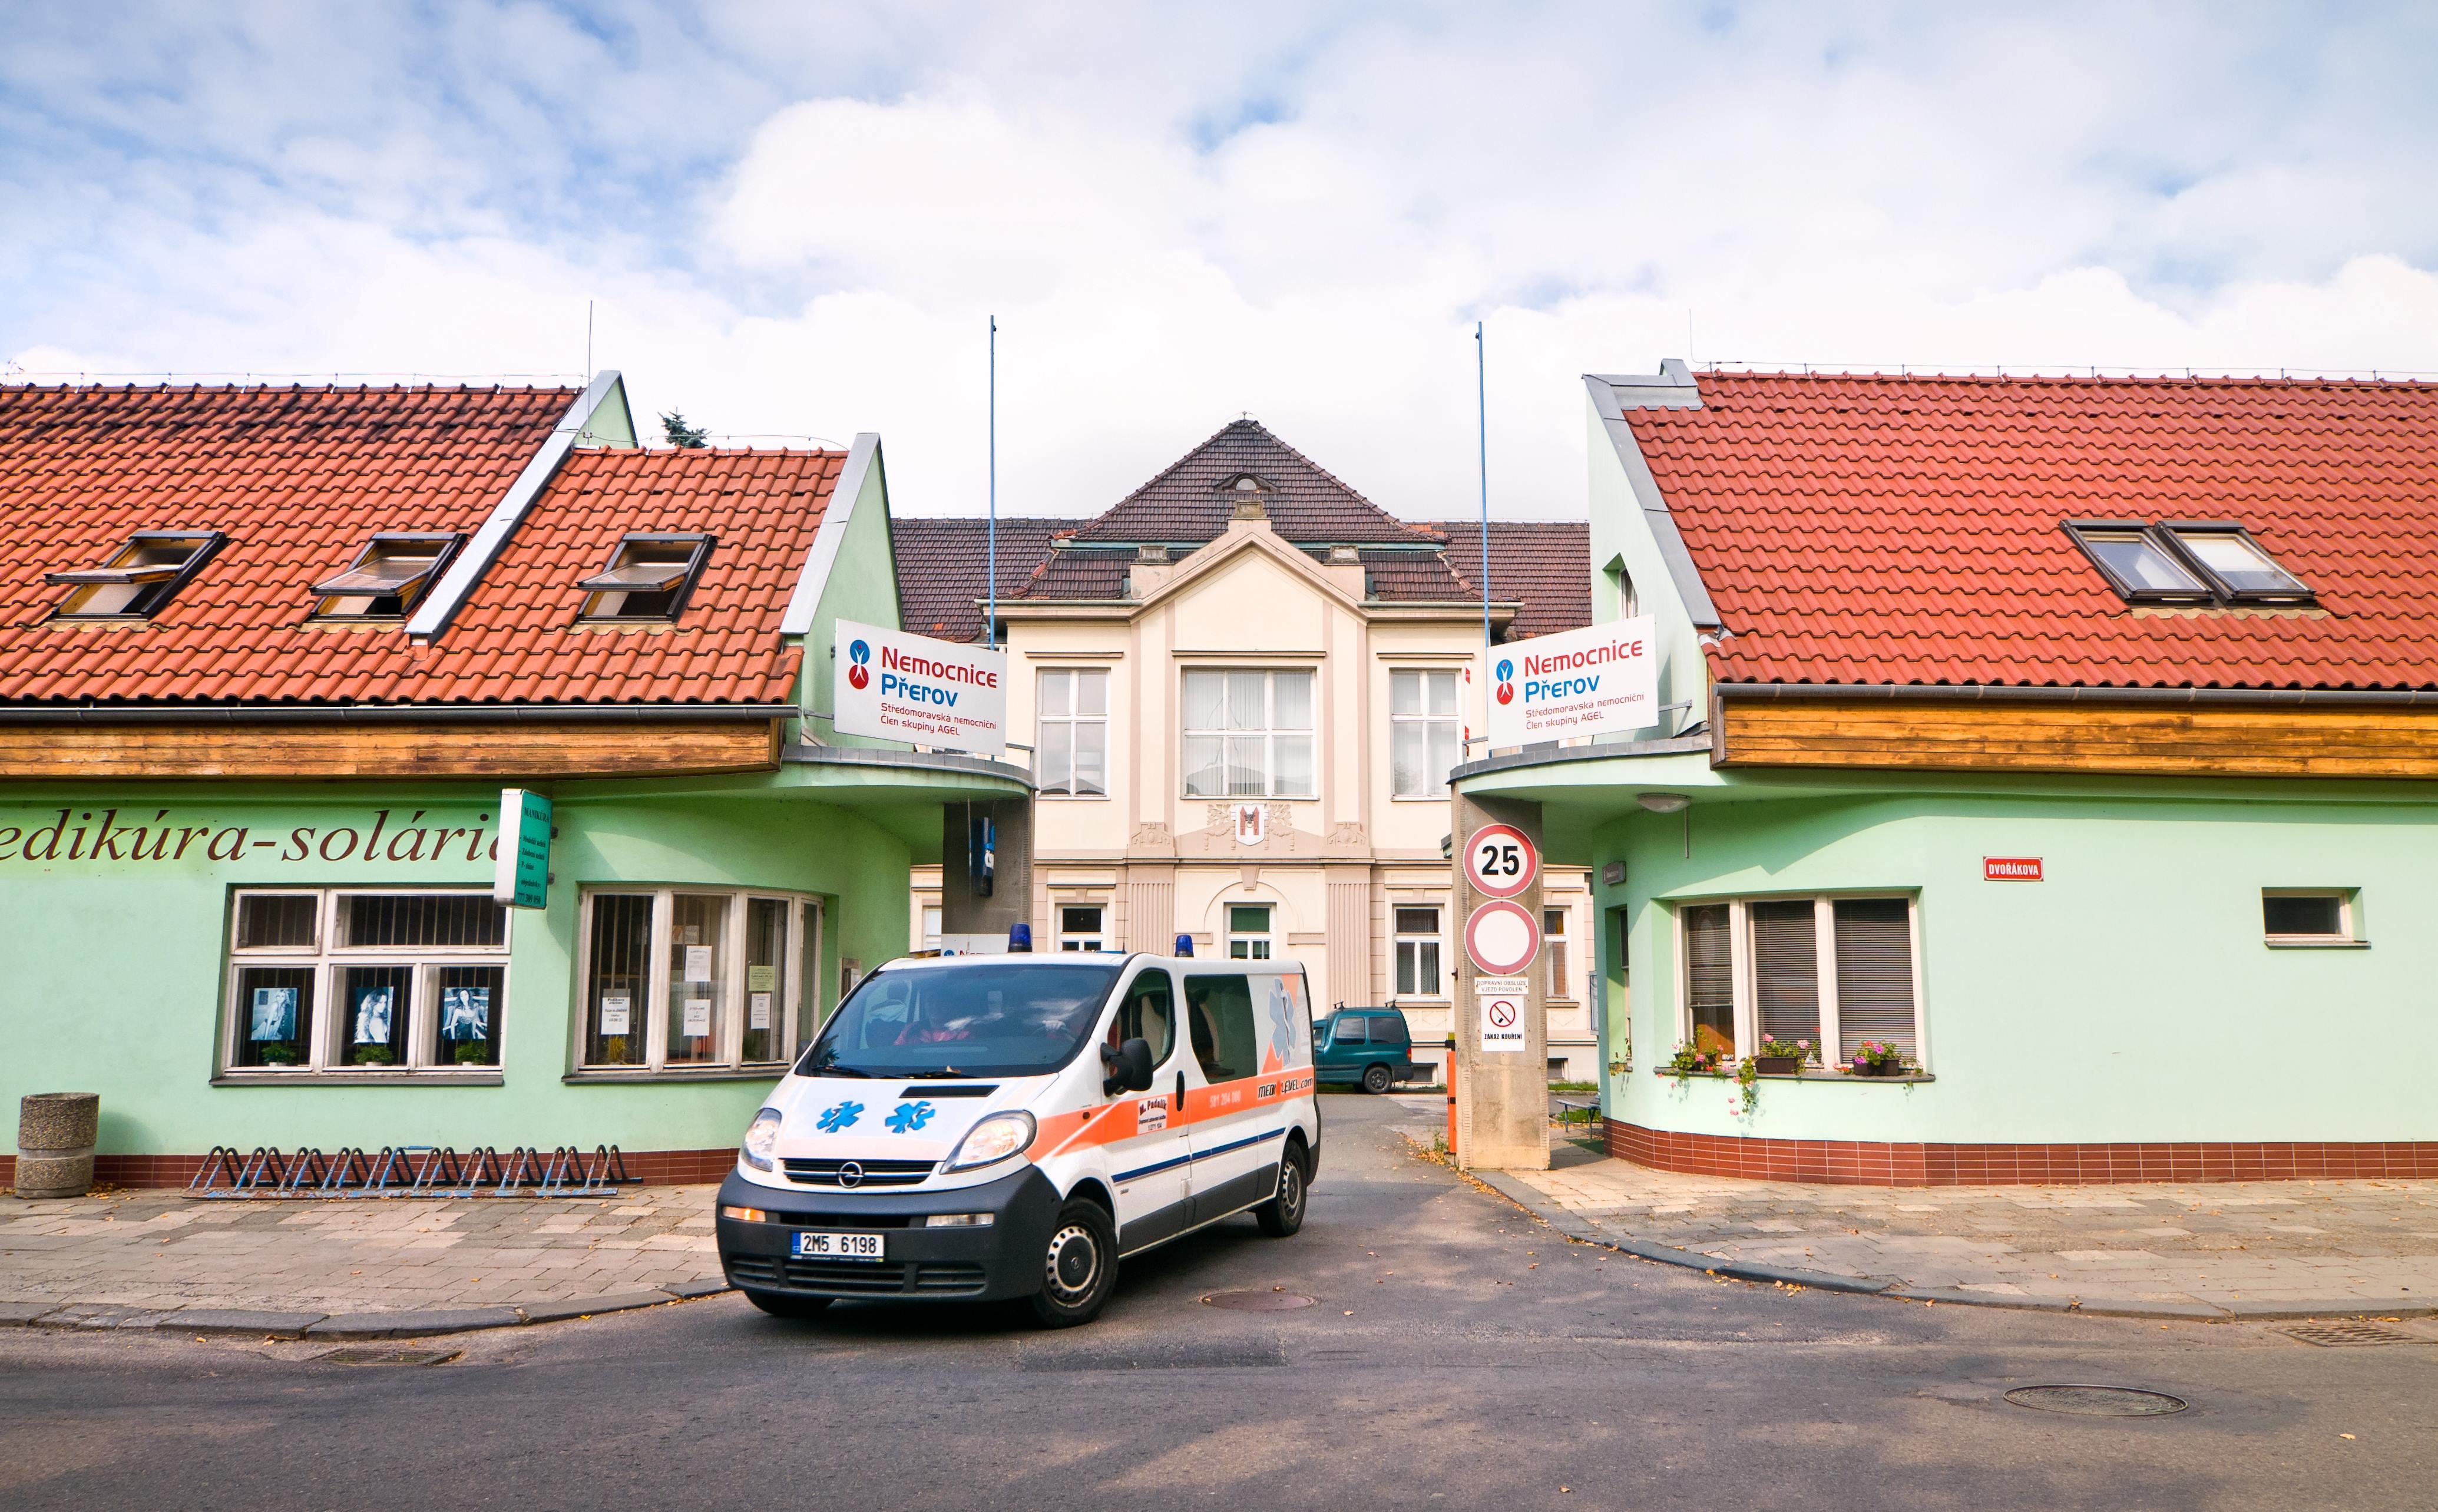 Onkologická ambulance v Nemocnici Přerov rozšířila ordinační dobu